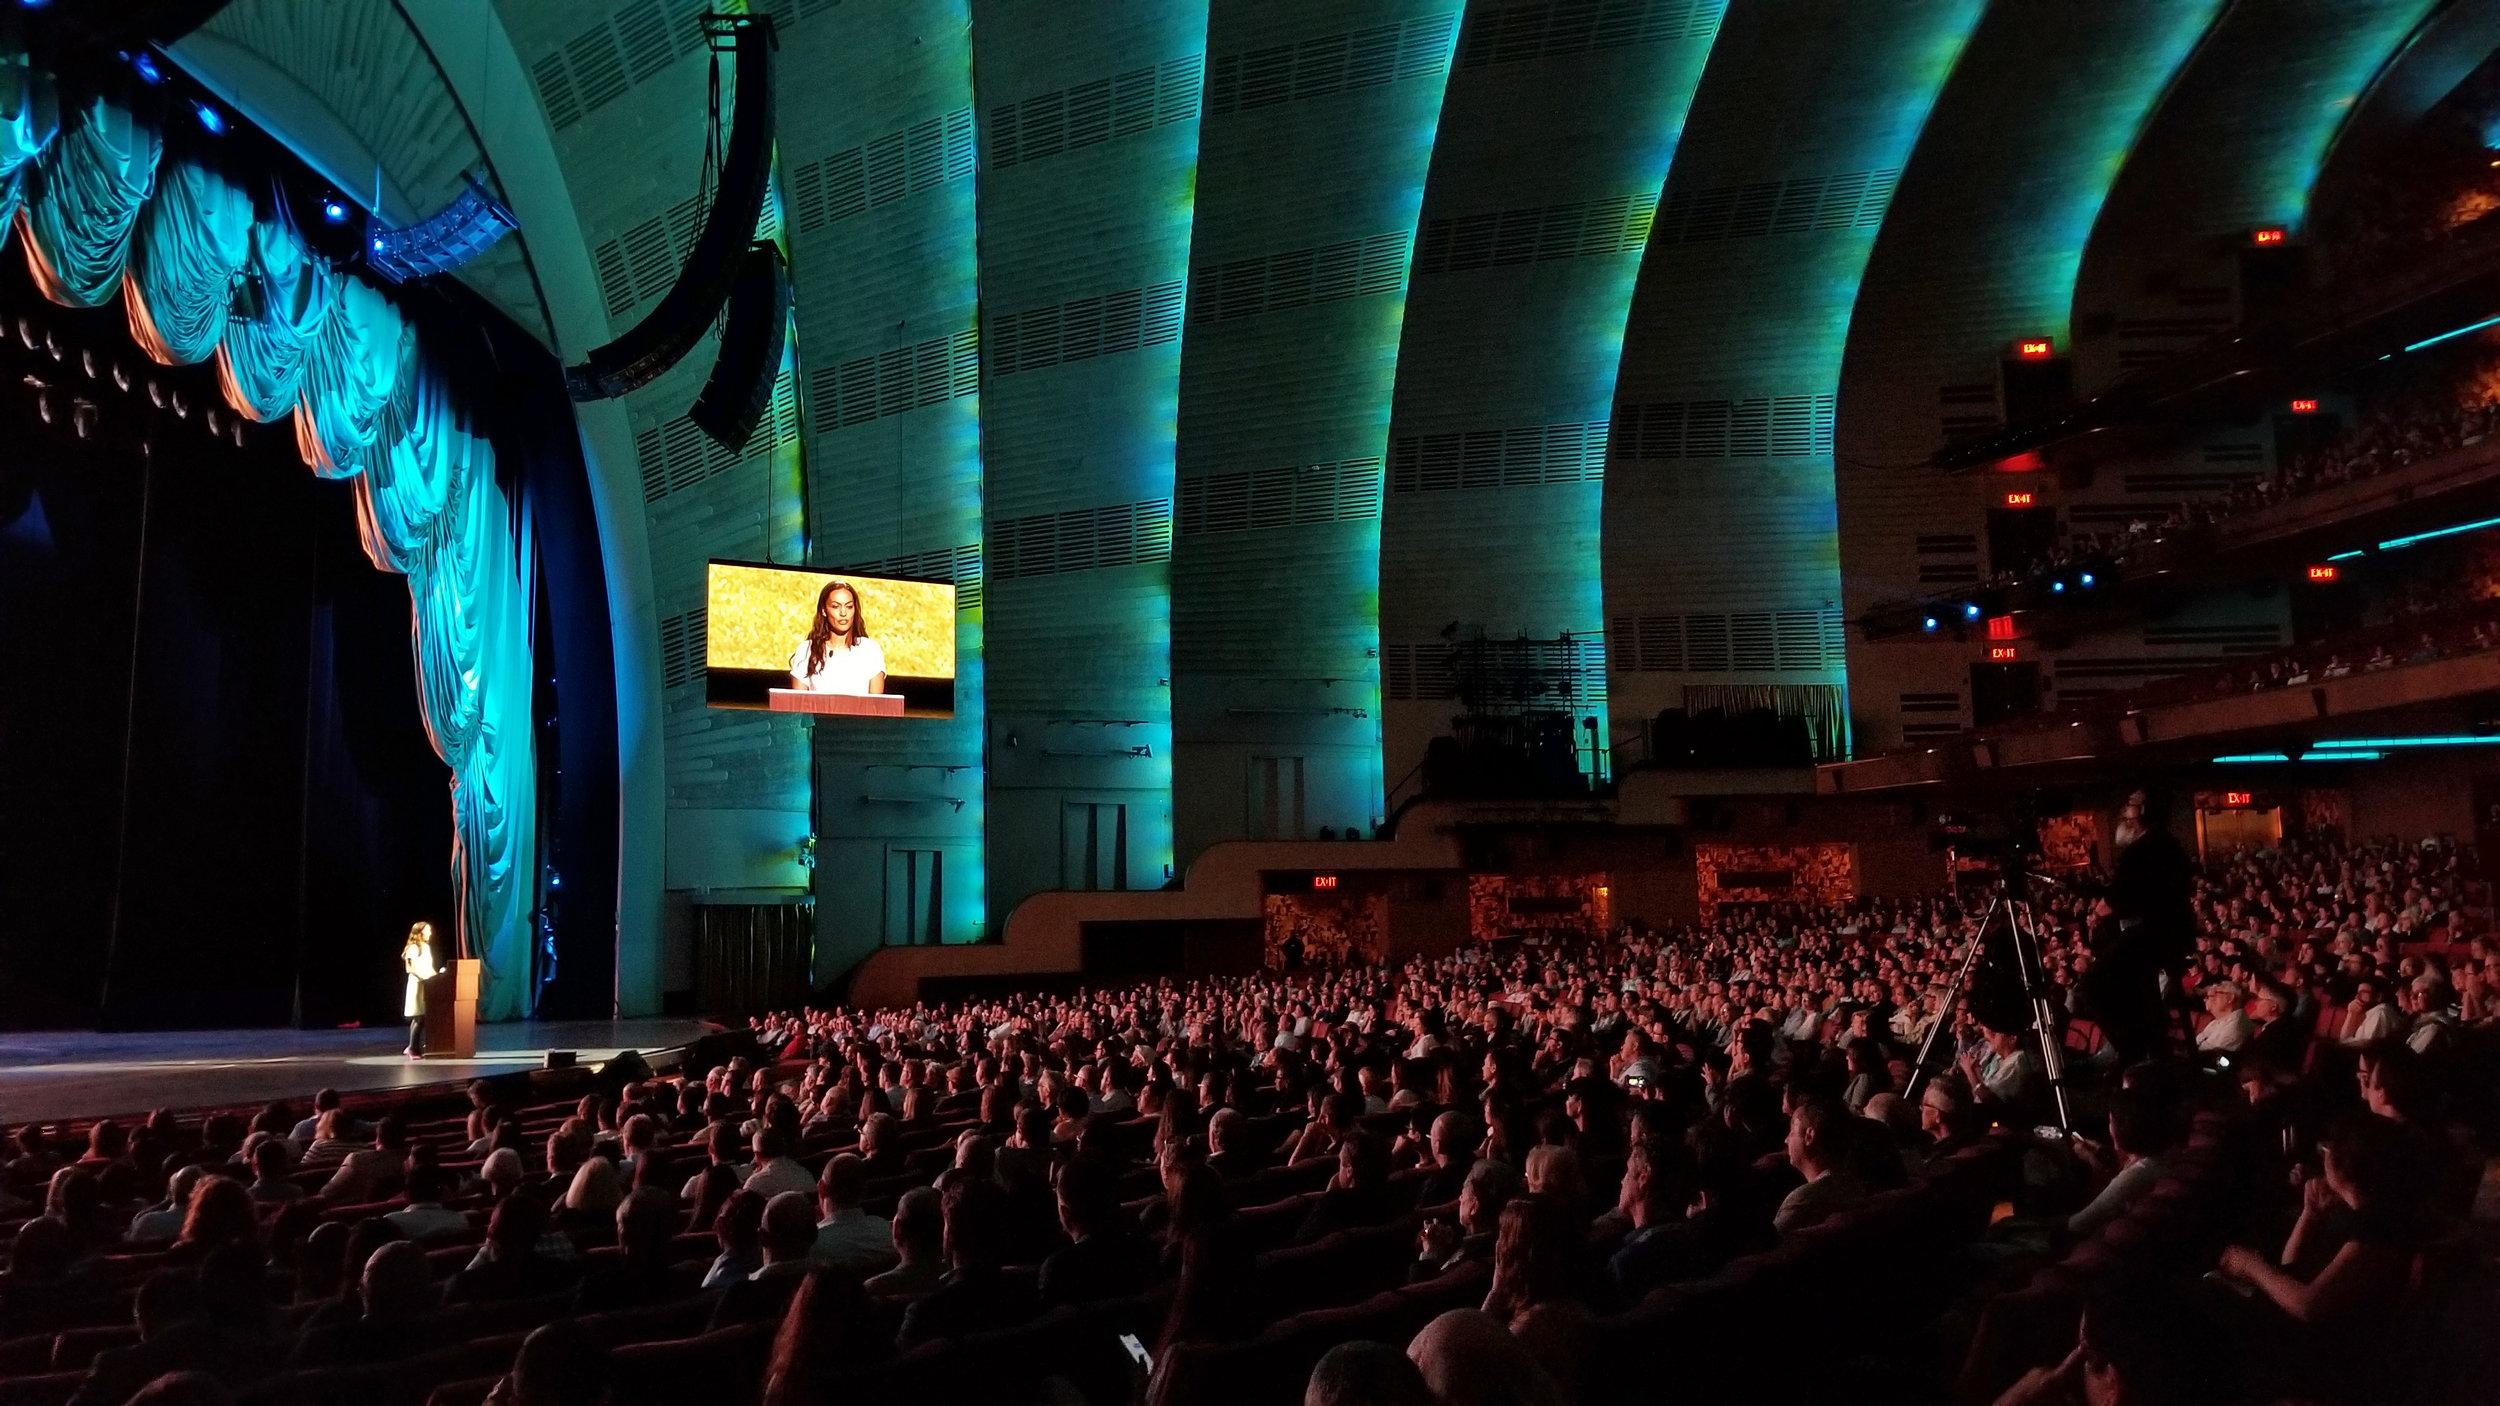 Sheela keynotes the AIA conference at Radio City Music Hall.